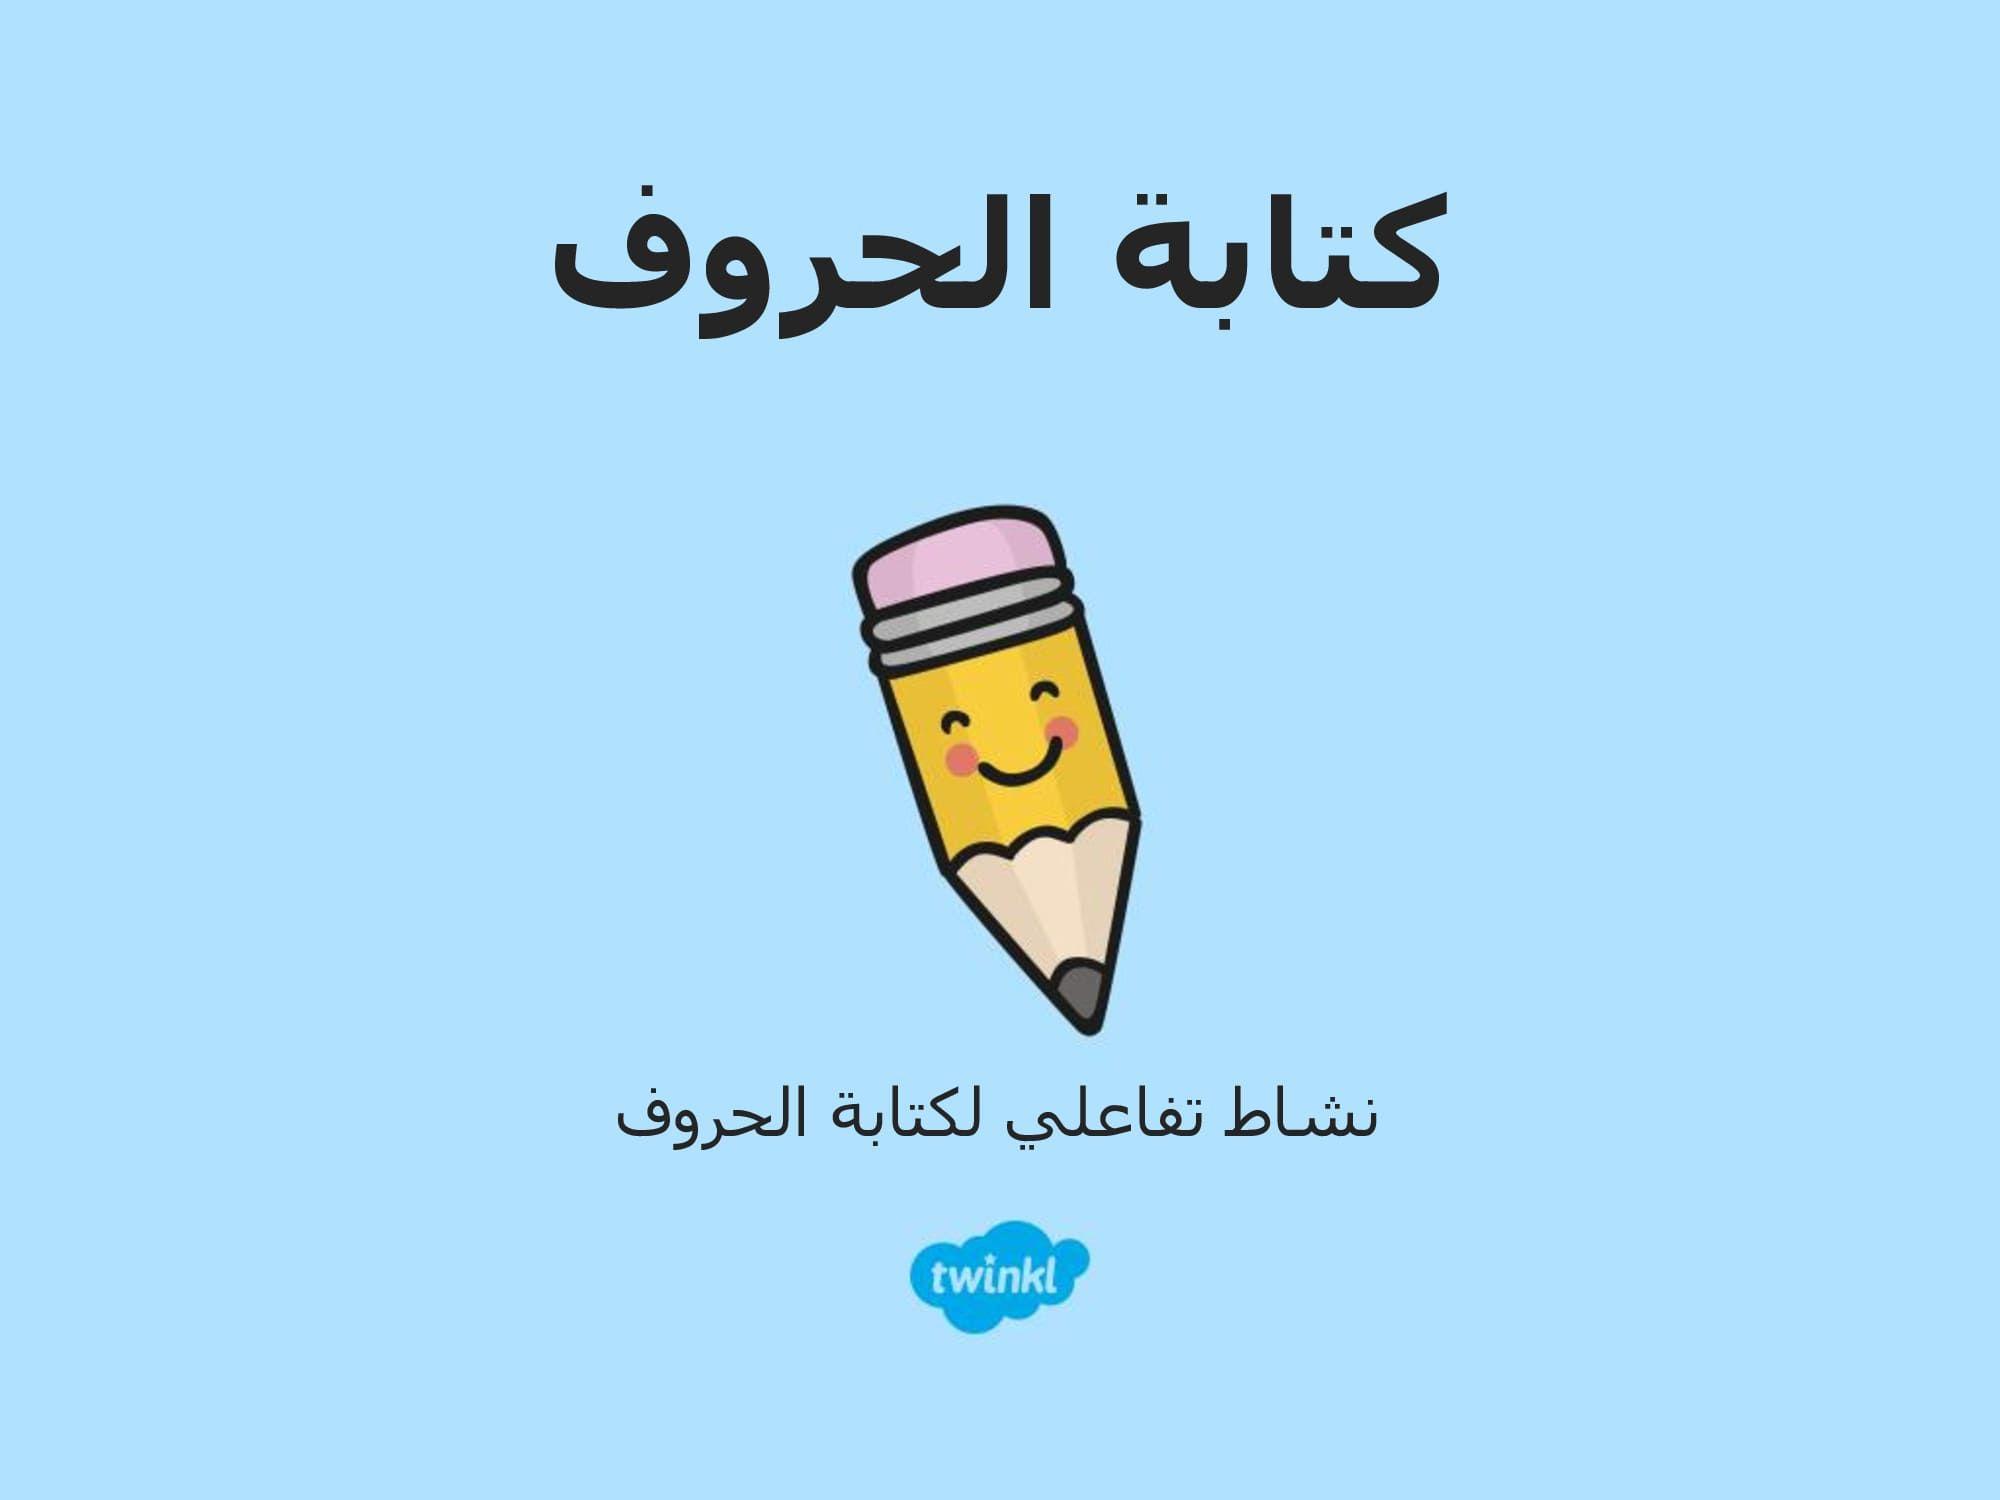 بوربوينت نشاط تفاعلي لكتابة الحروف الهجائية بطريقة رائعة المعلمة أسماء Arabic Kids Education School